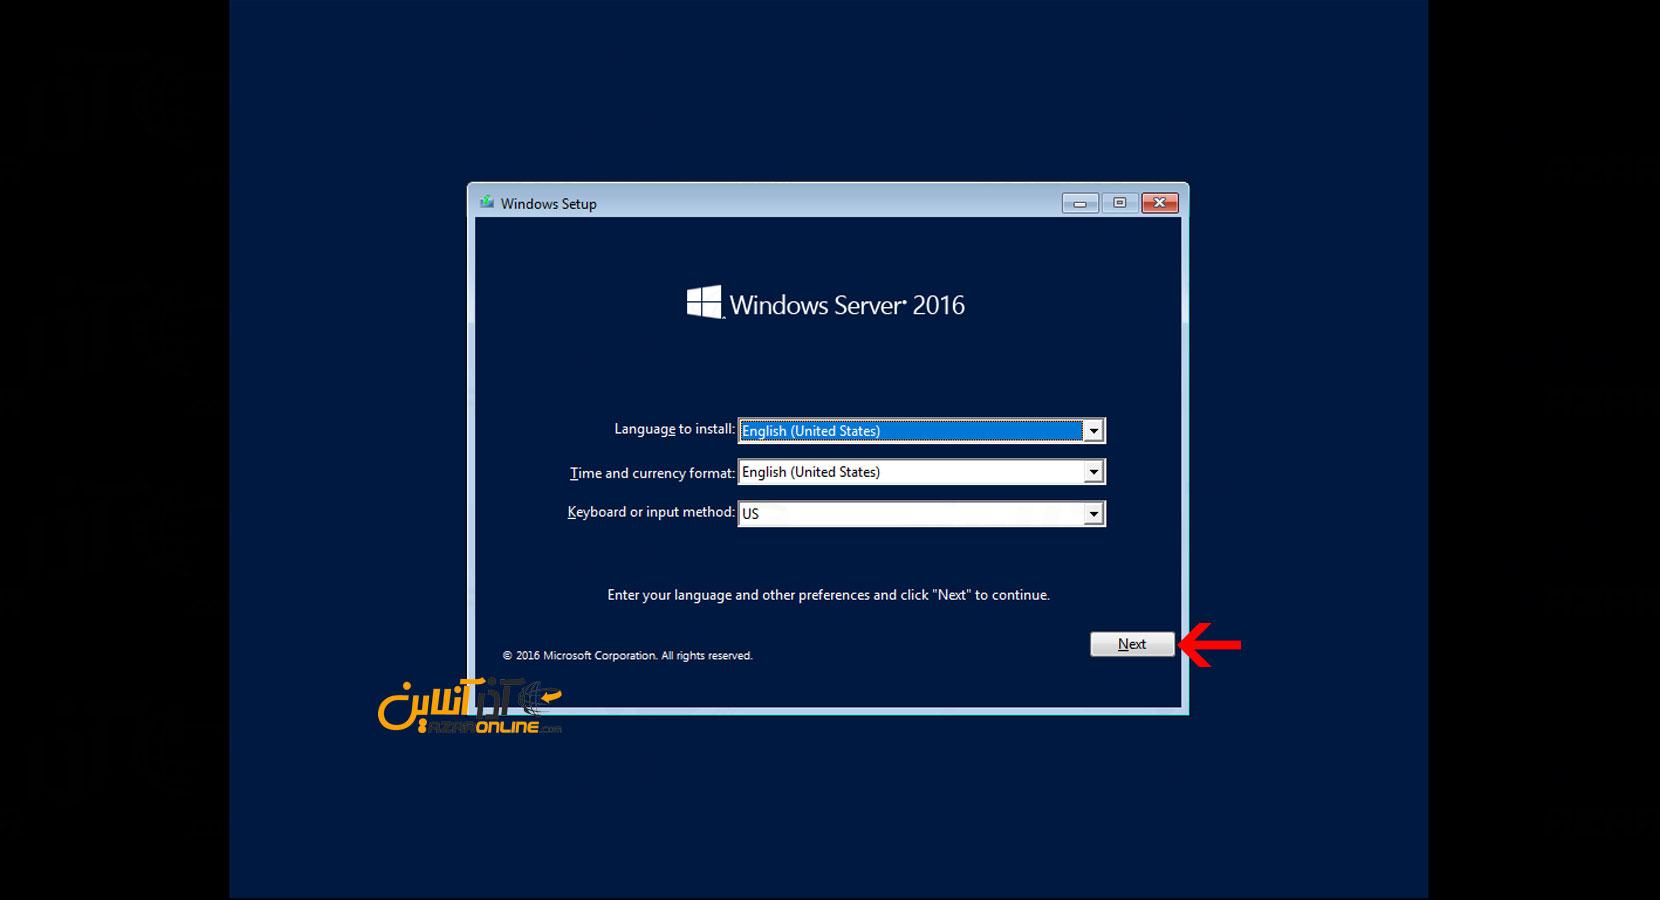 آموزش نصب ویندوز سرور 2016 در vmware - انتخاب زبان نصب